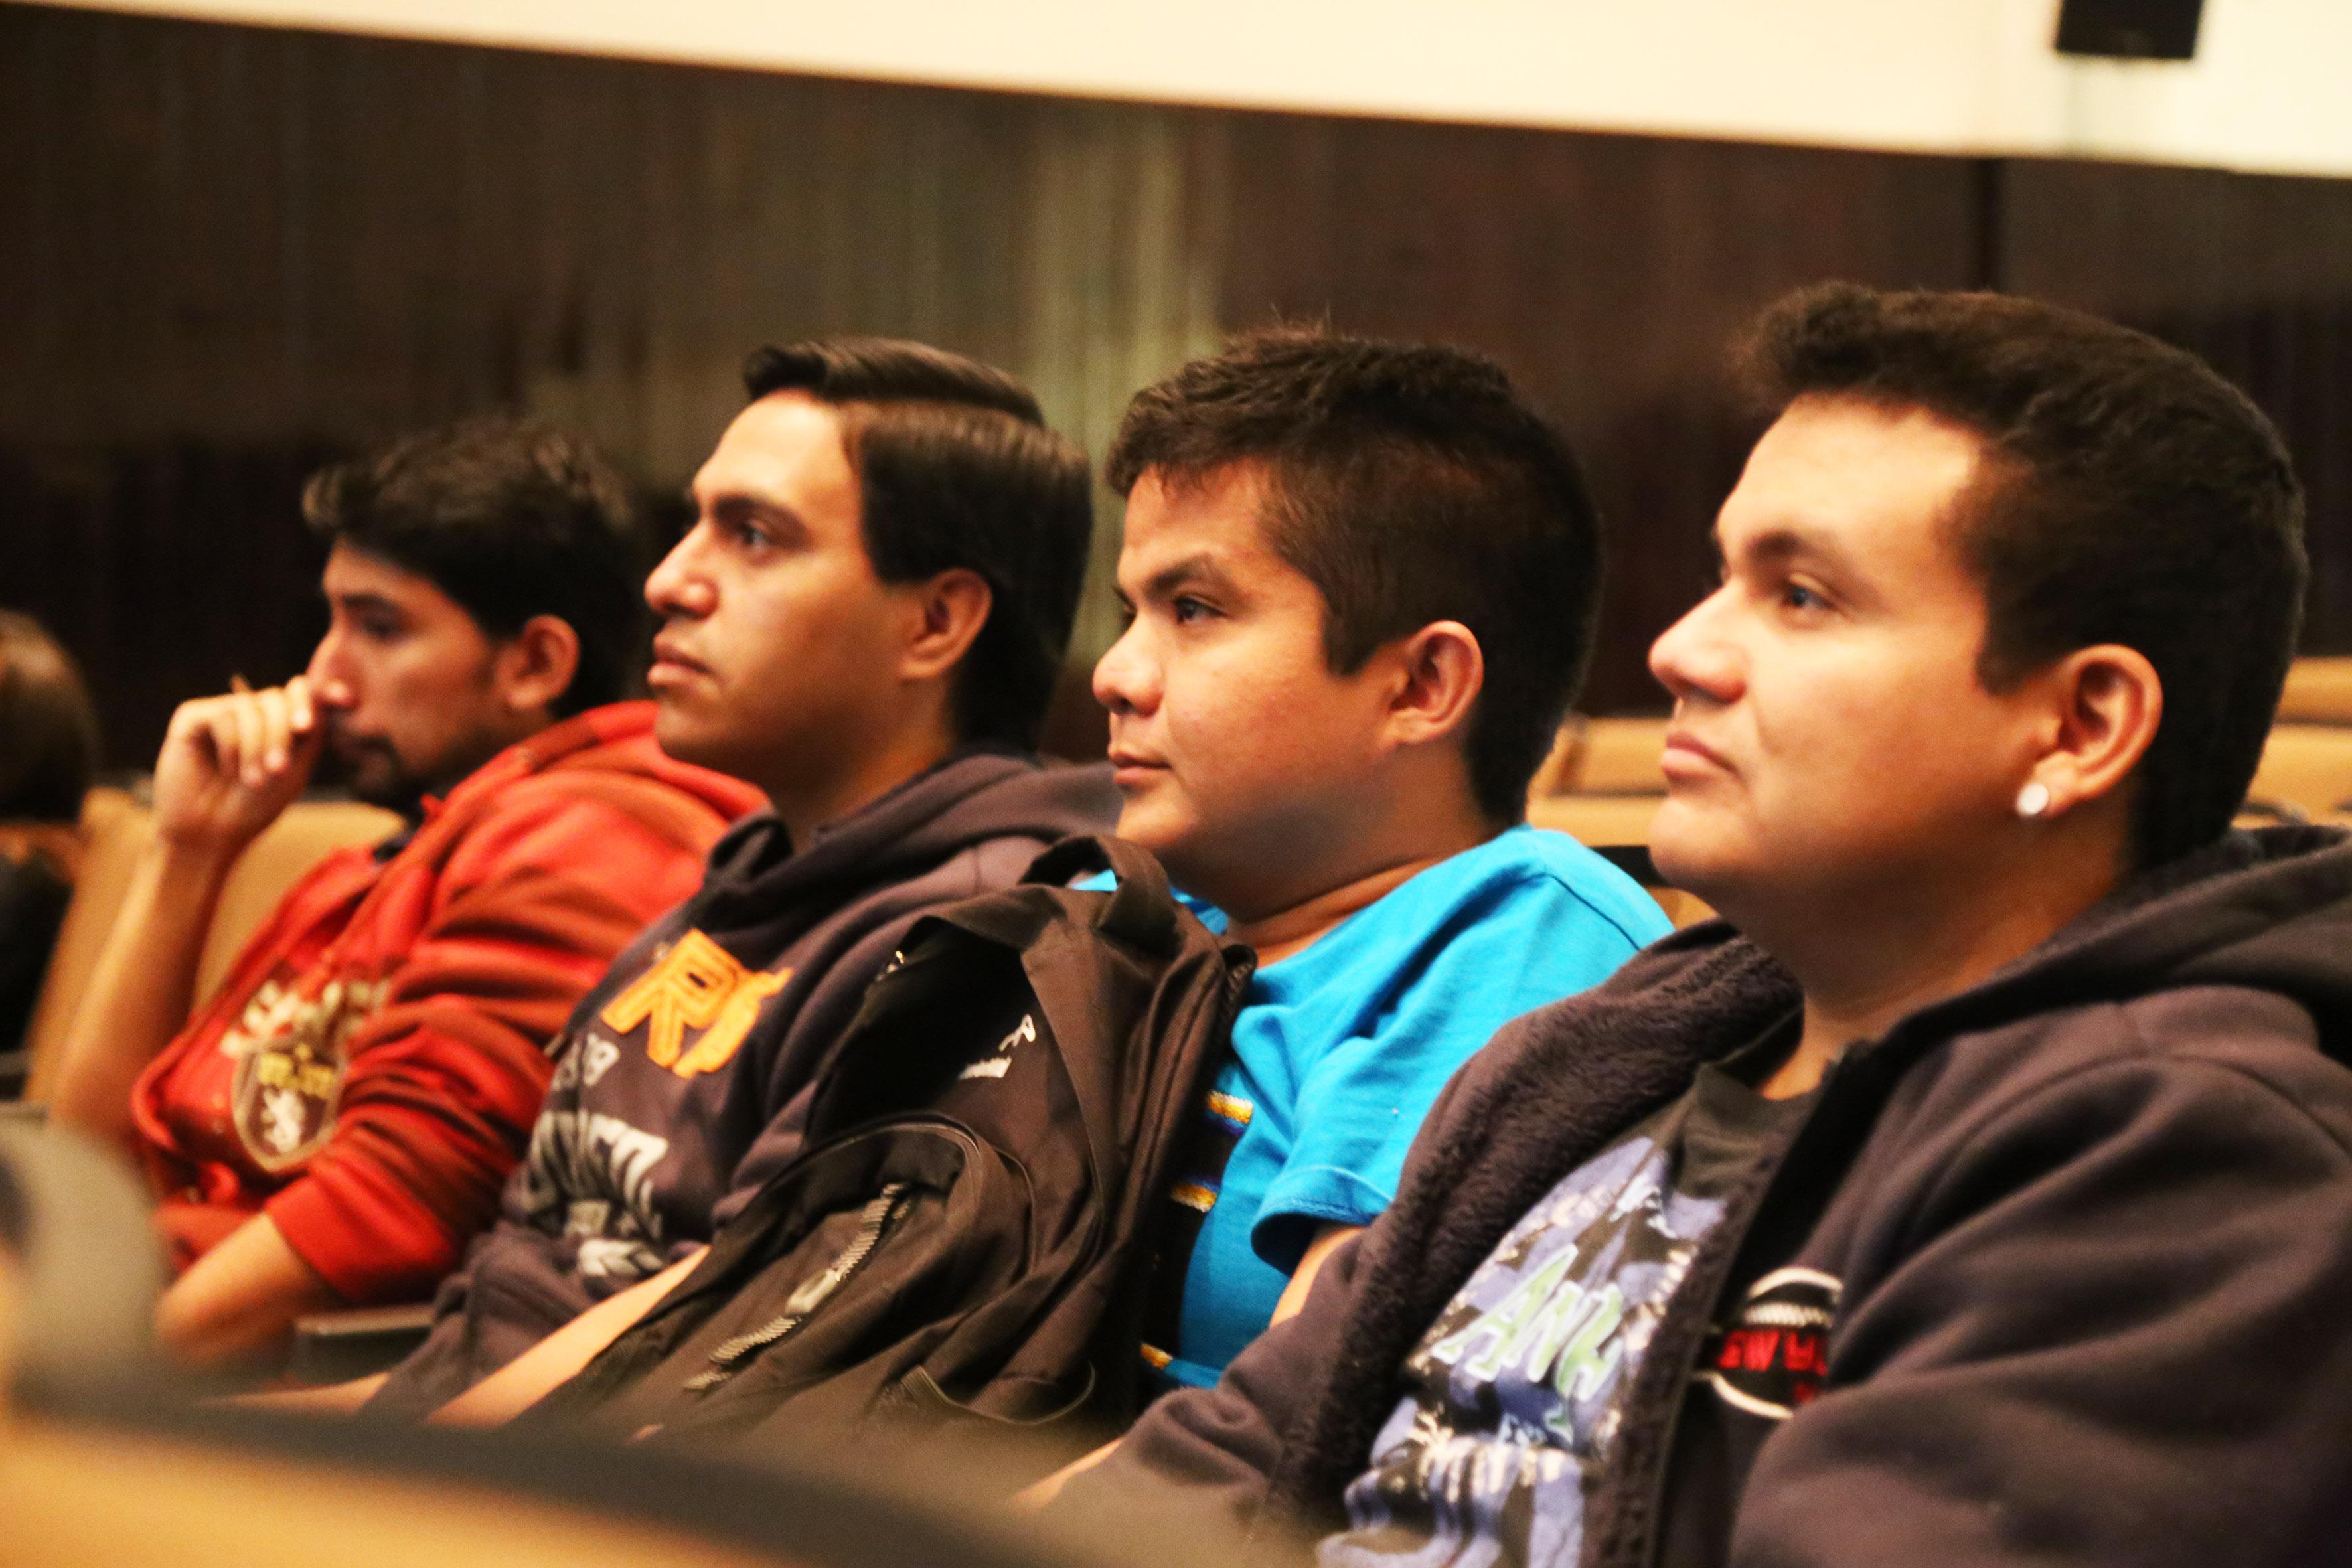 Estudiantes asistentes a las charlas de ciencia que se llevan a cabo en el CUCEI.